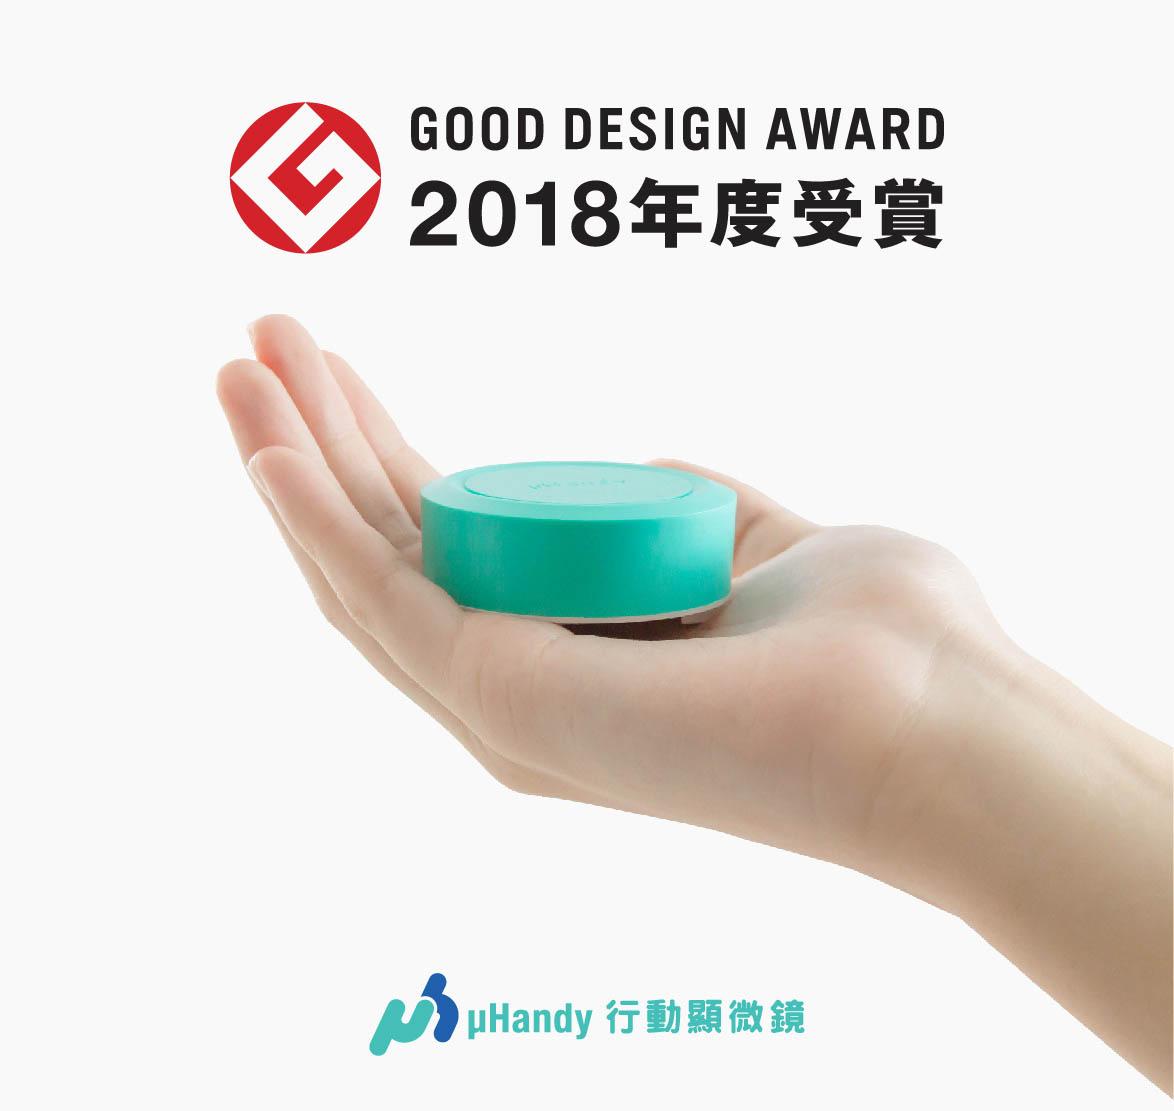 uHandy 行動顯微鏡榮獲世界四大設計獎